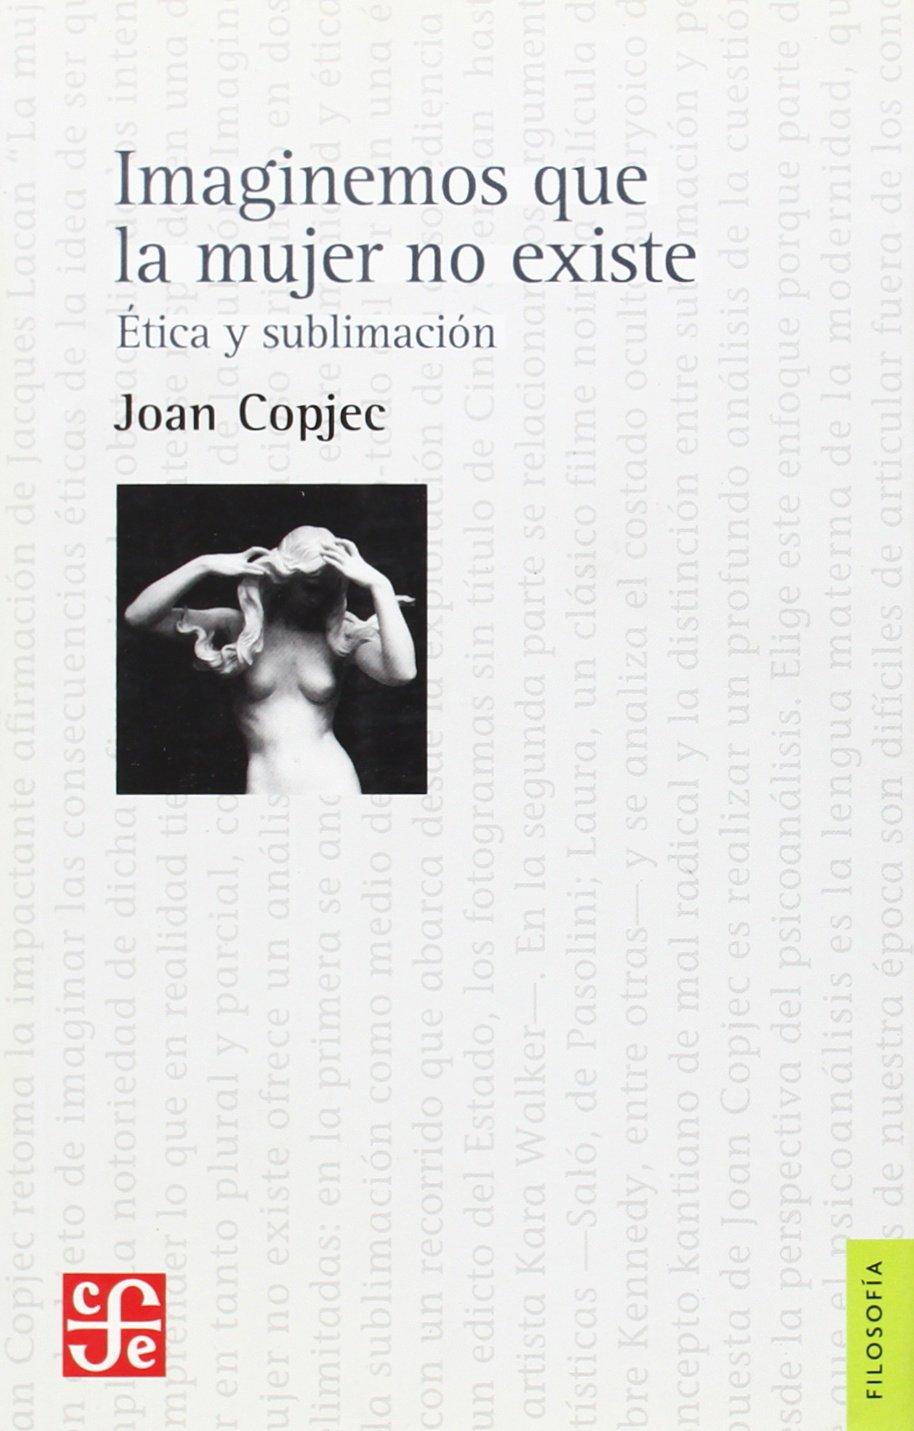 Imaginemos que la mujer no existe. Ética y sublimación (Spanish Edition): Copjec Joan: 9789505576722: Amazon.com: Books